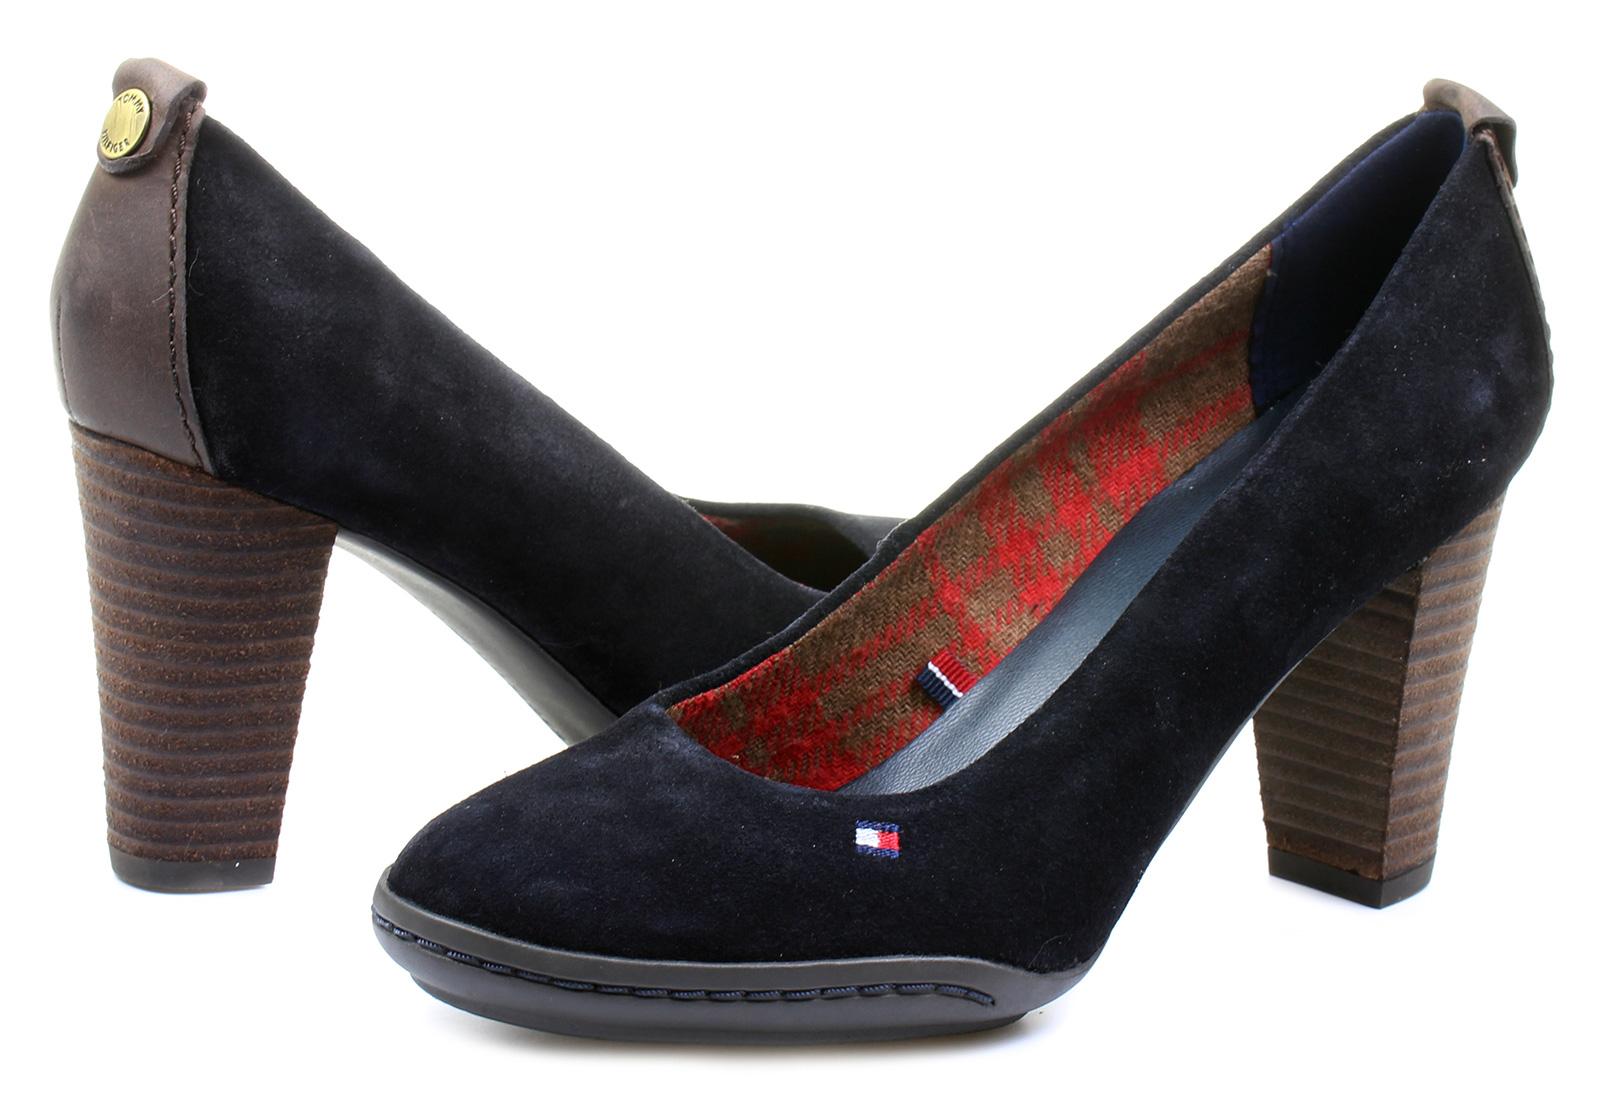 tommy hilfiger high heels nicole 1 b 13f 5988 403. Black Bedroom Furniture Sets. Home Design Ideas